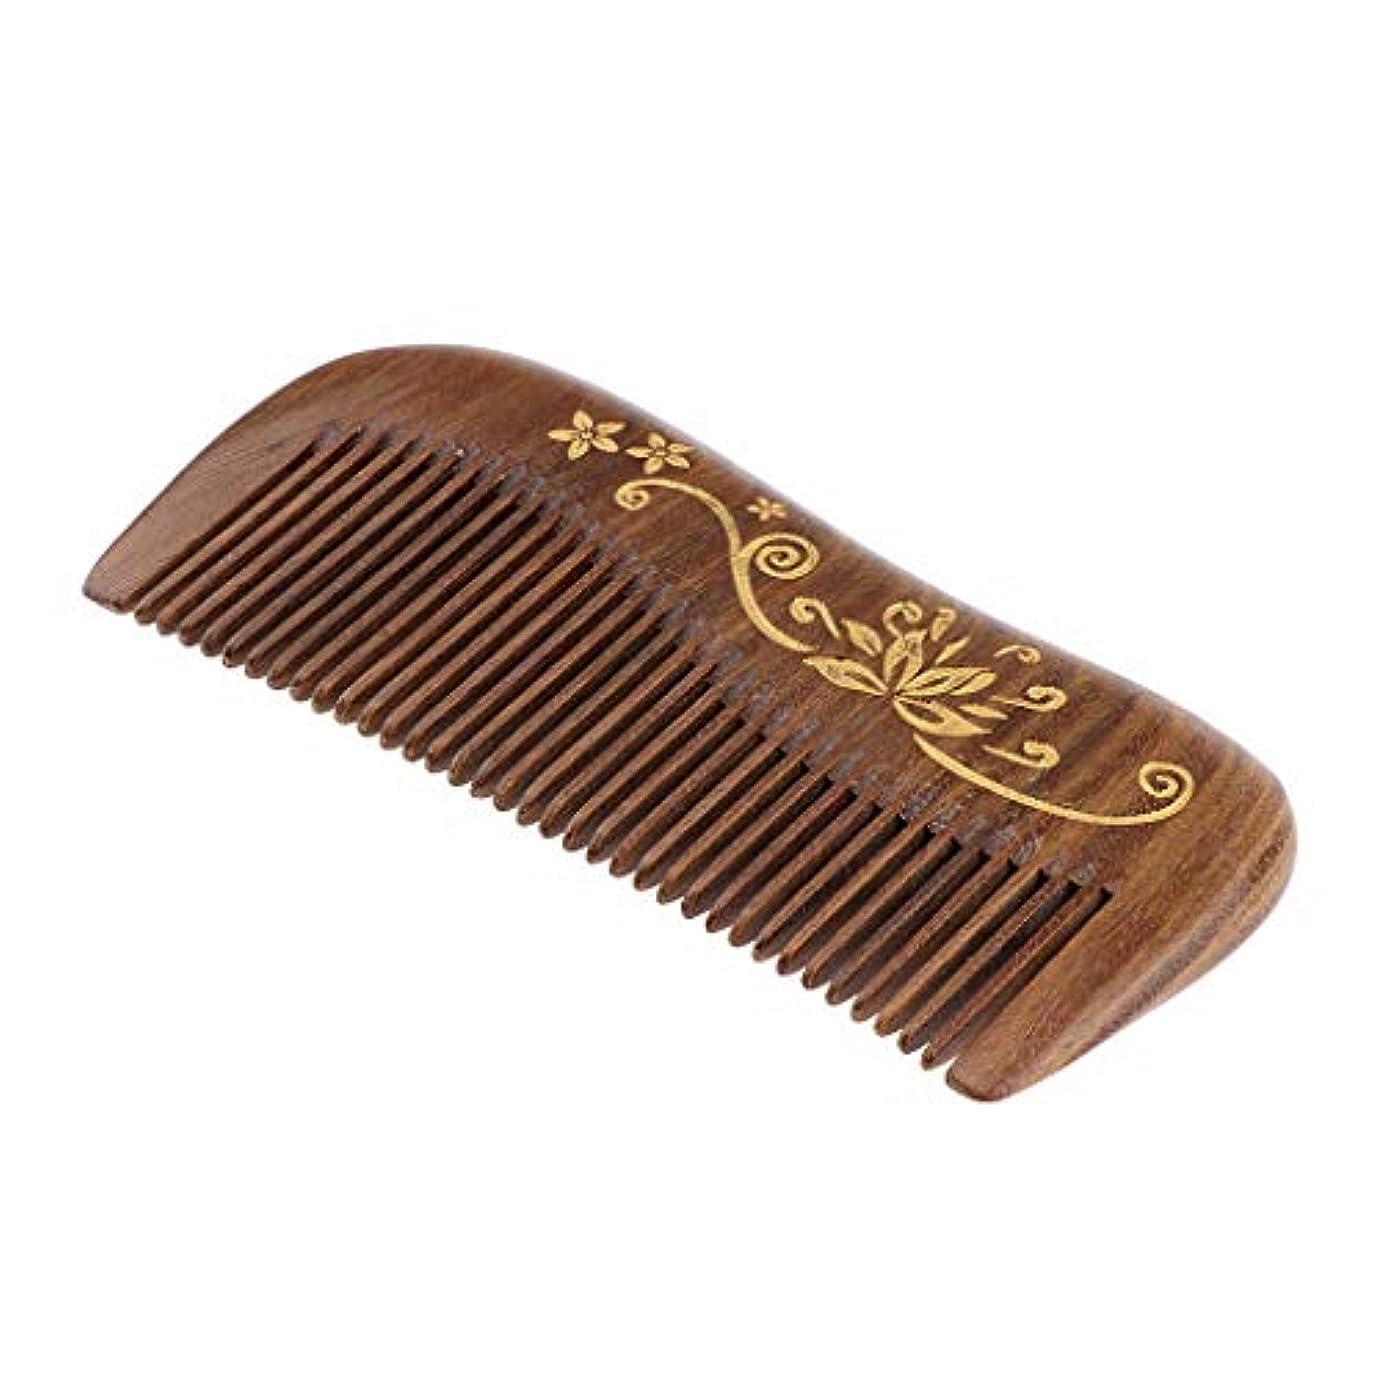 震え悪因子アスリート絶妙な彫刻の広い歯のもつれをほどく木材の櫛は毛の破損の割れ目を減らします - #4